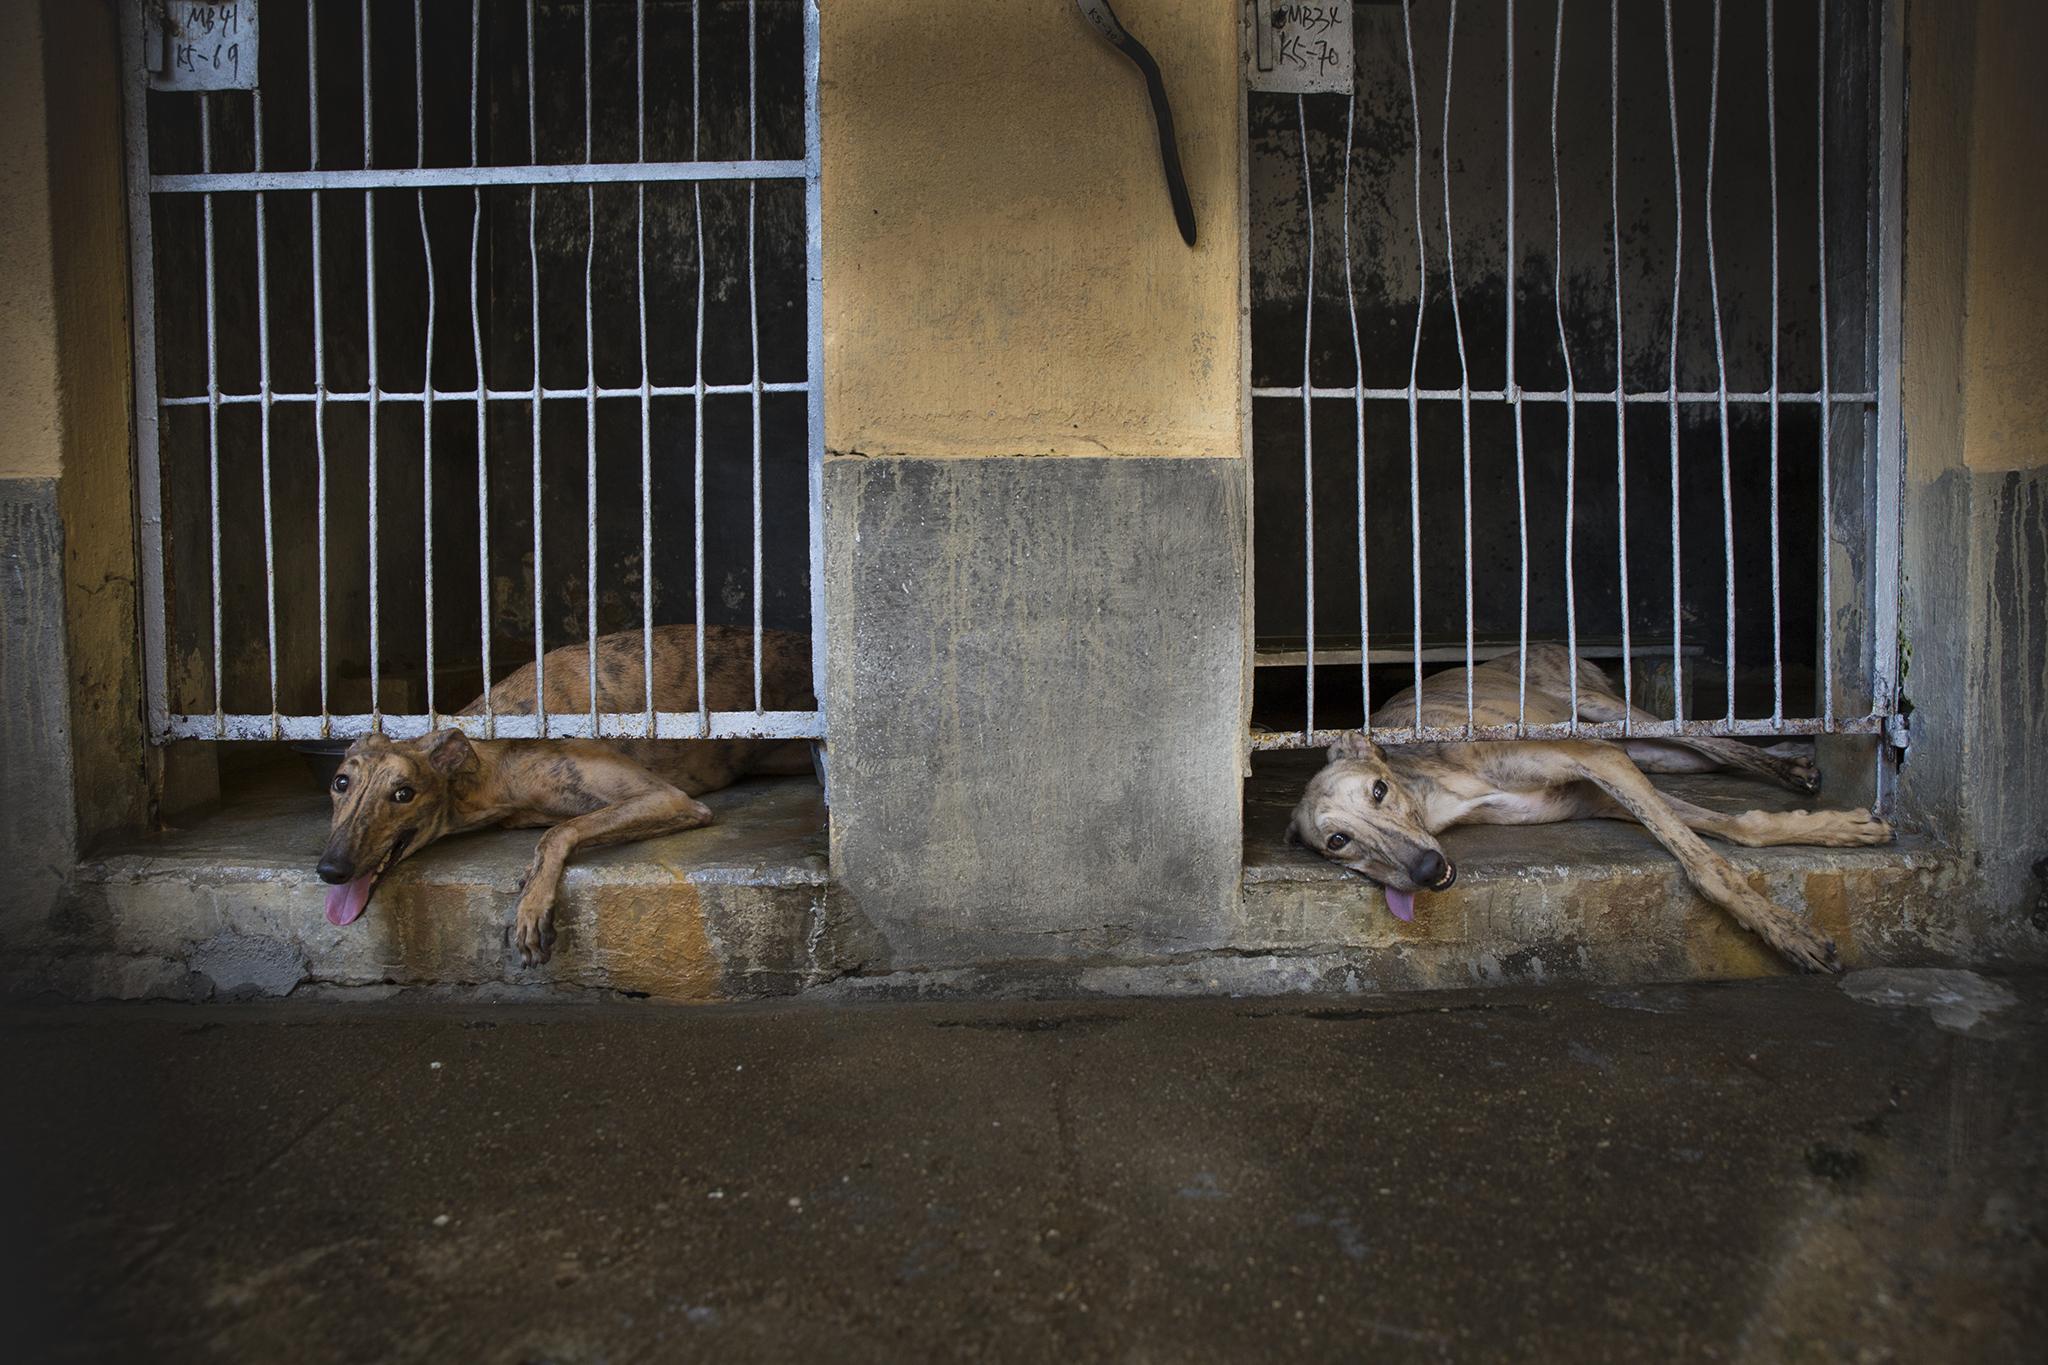 Canídromo   Cuidado e alojamento dos cães motiva queixa no CCAC